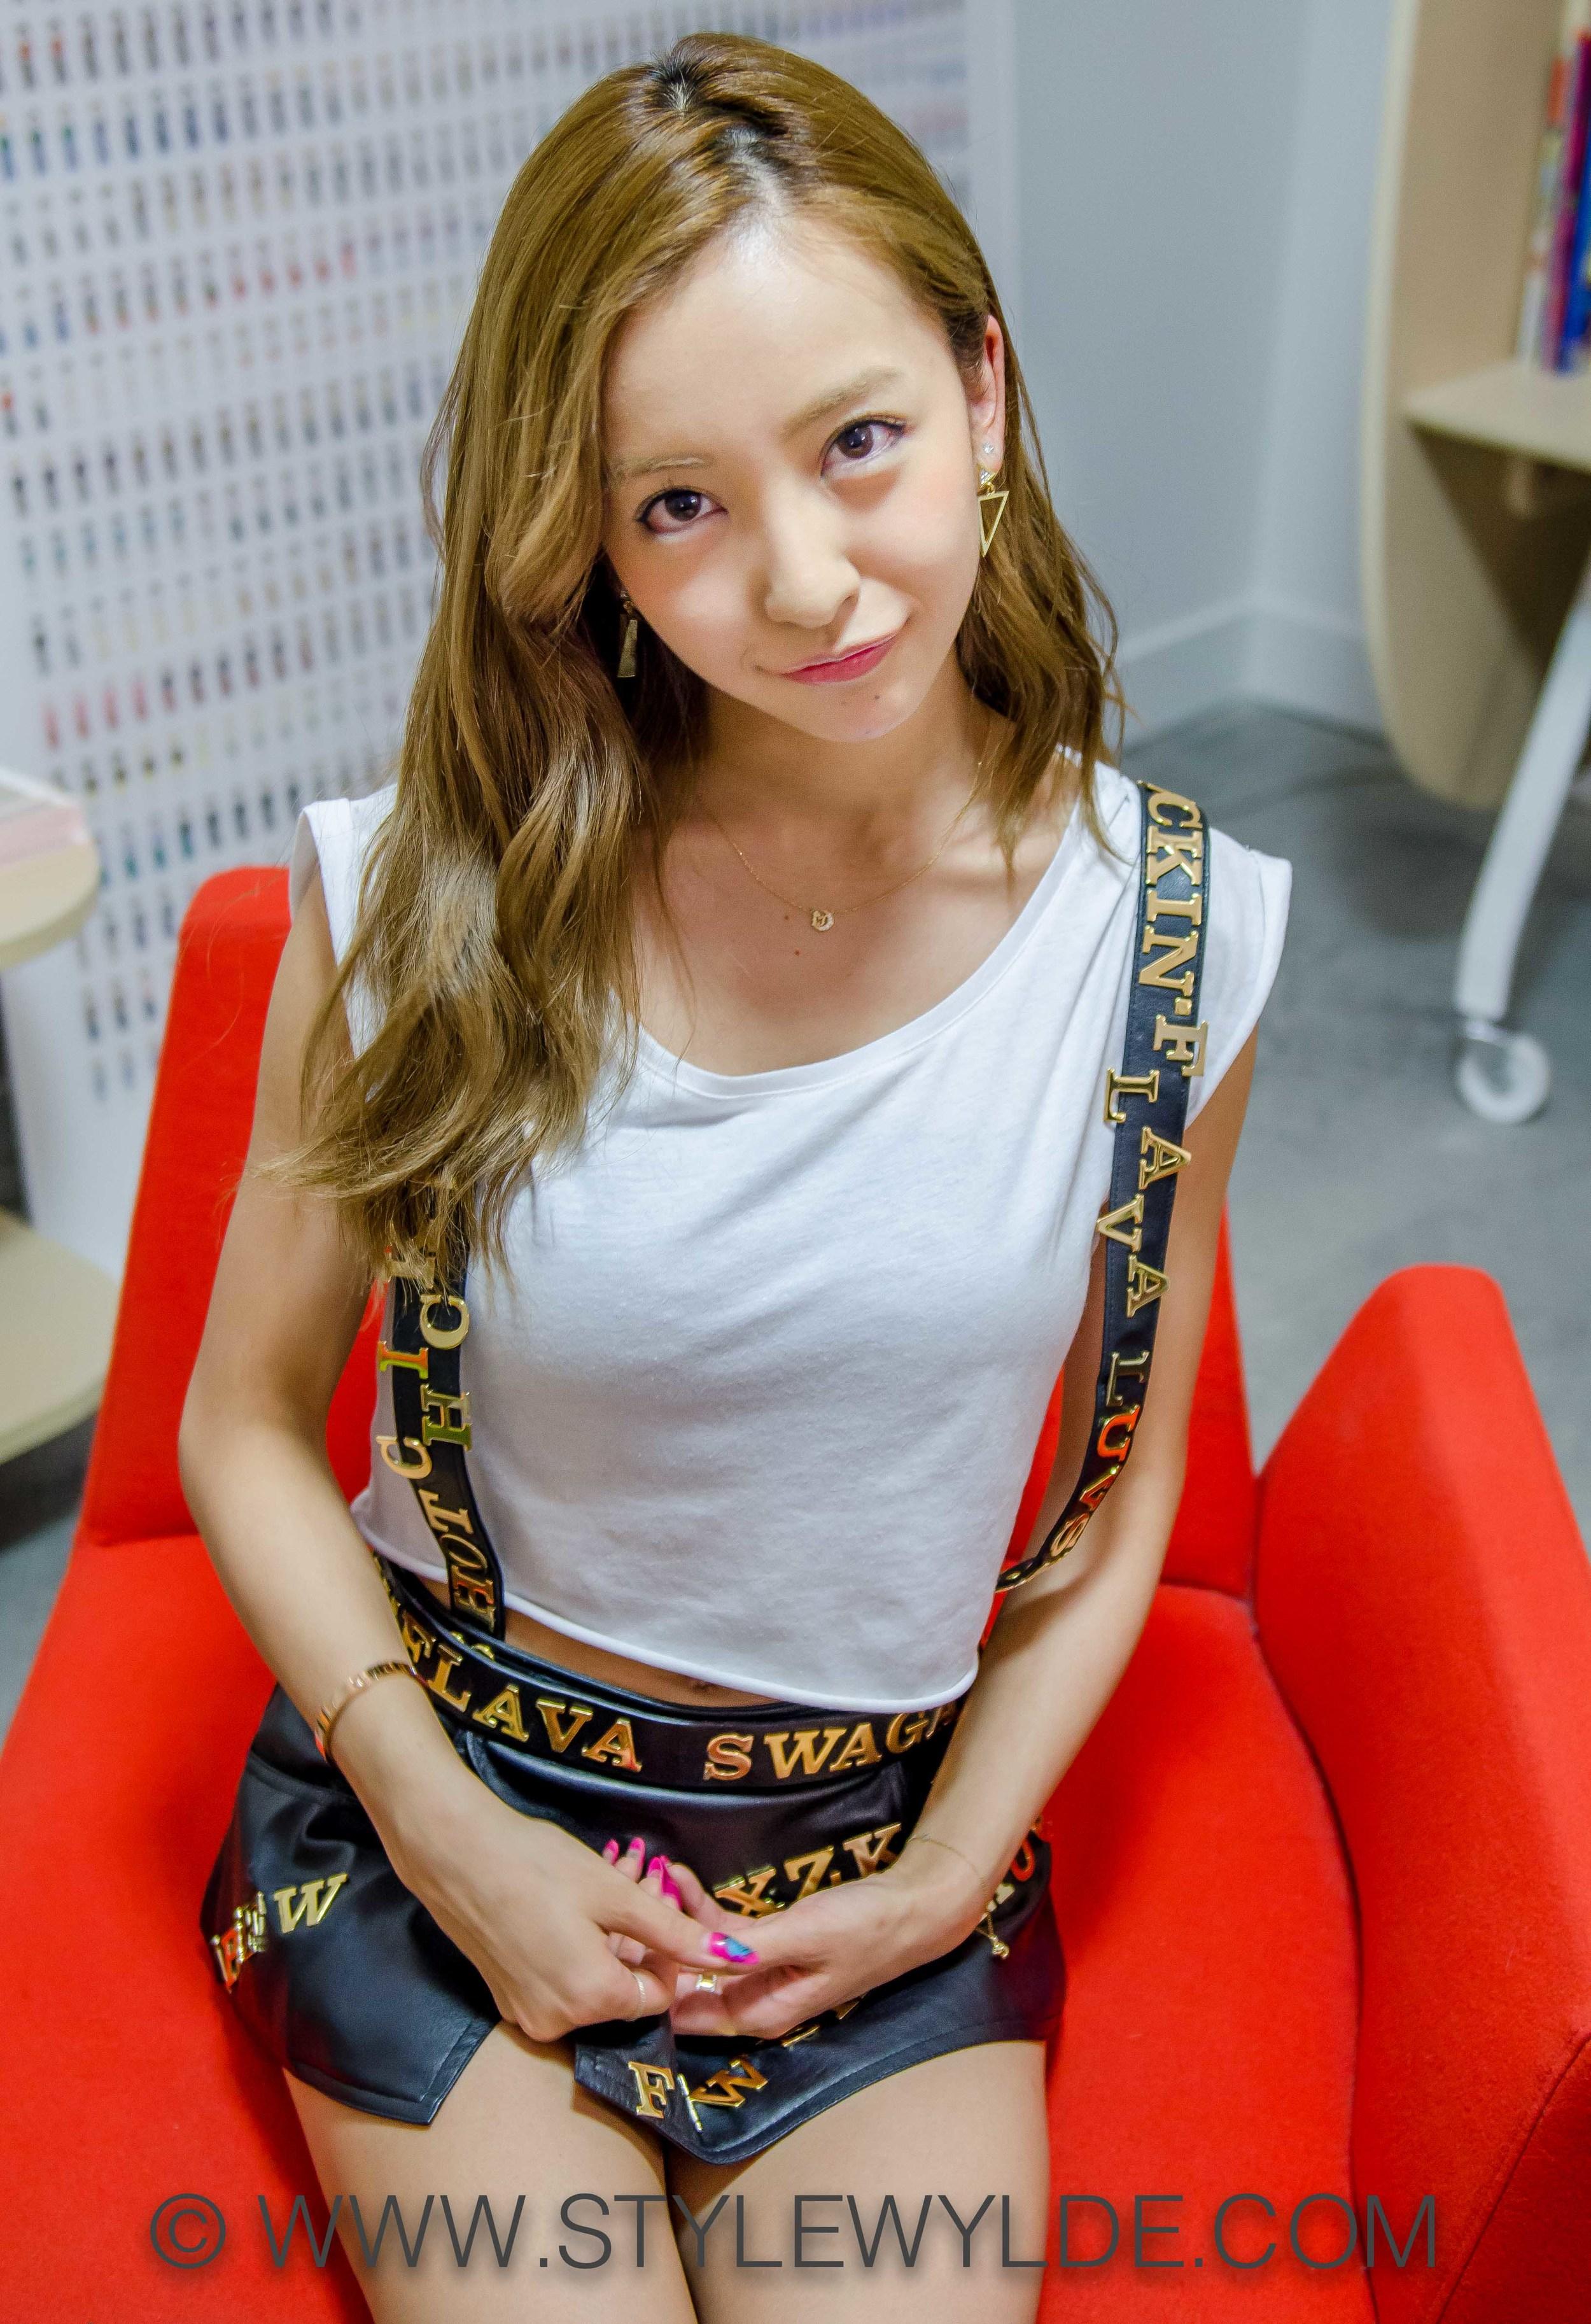 StyleWylde_TomomoItano_CHA2 (1 of 1).jpg